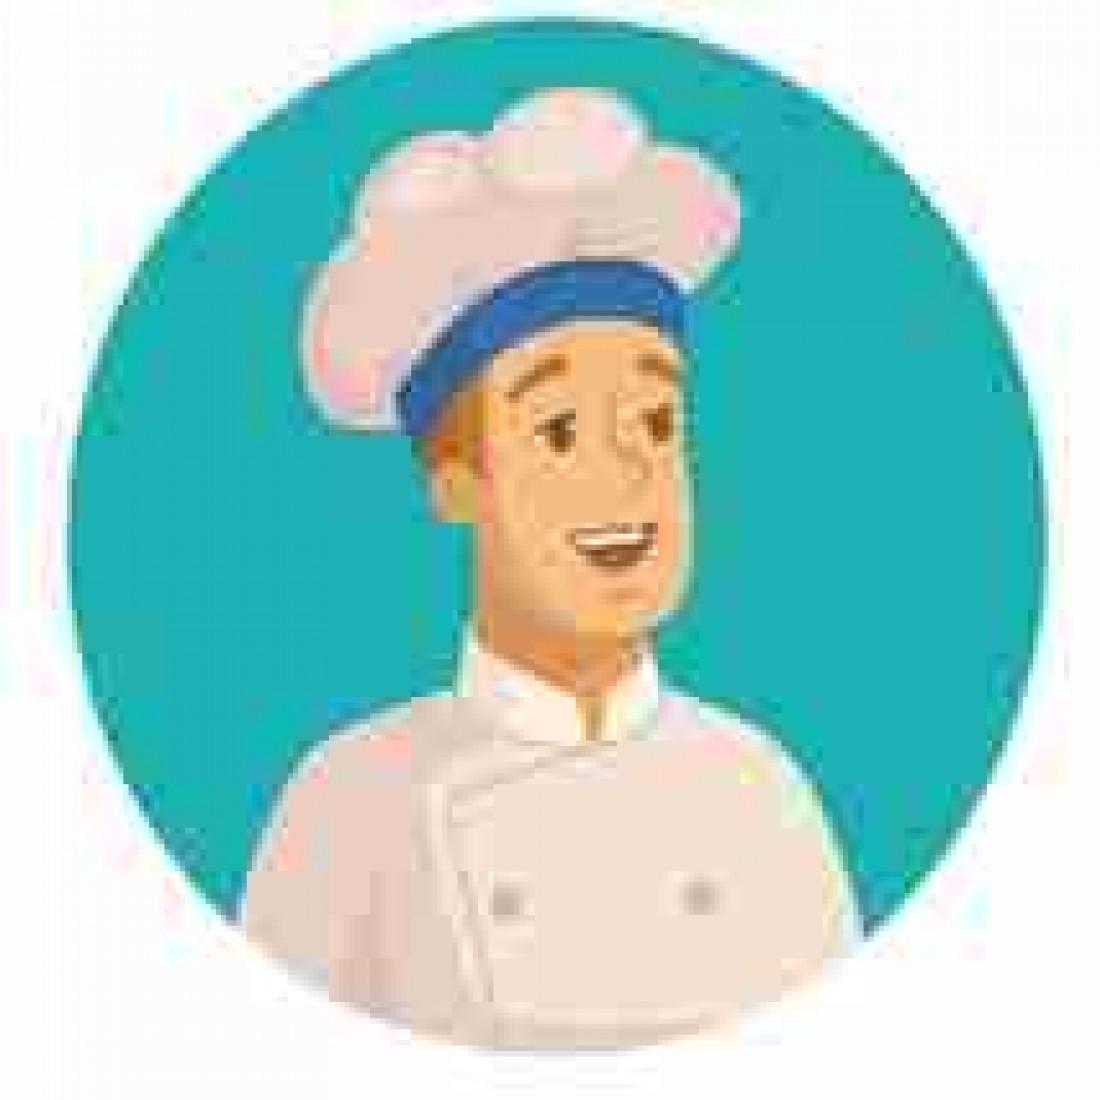 استخدام یک آشپز با تجربه و جوان